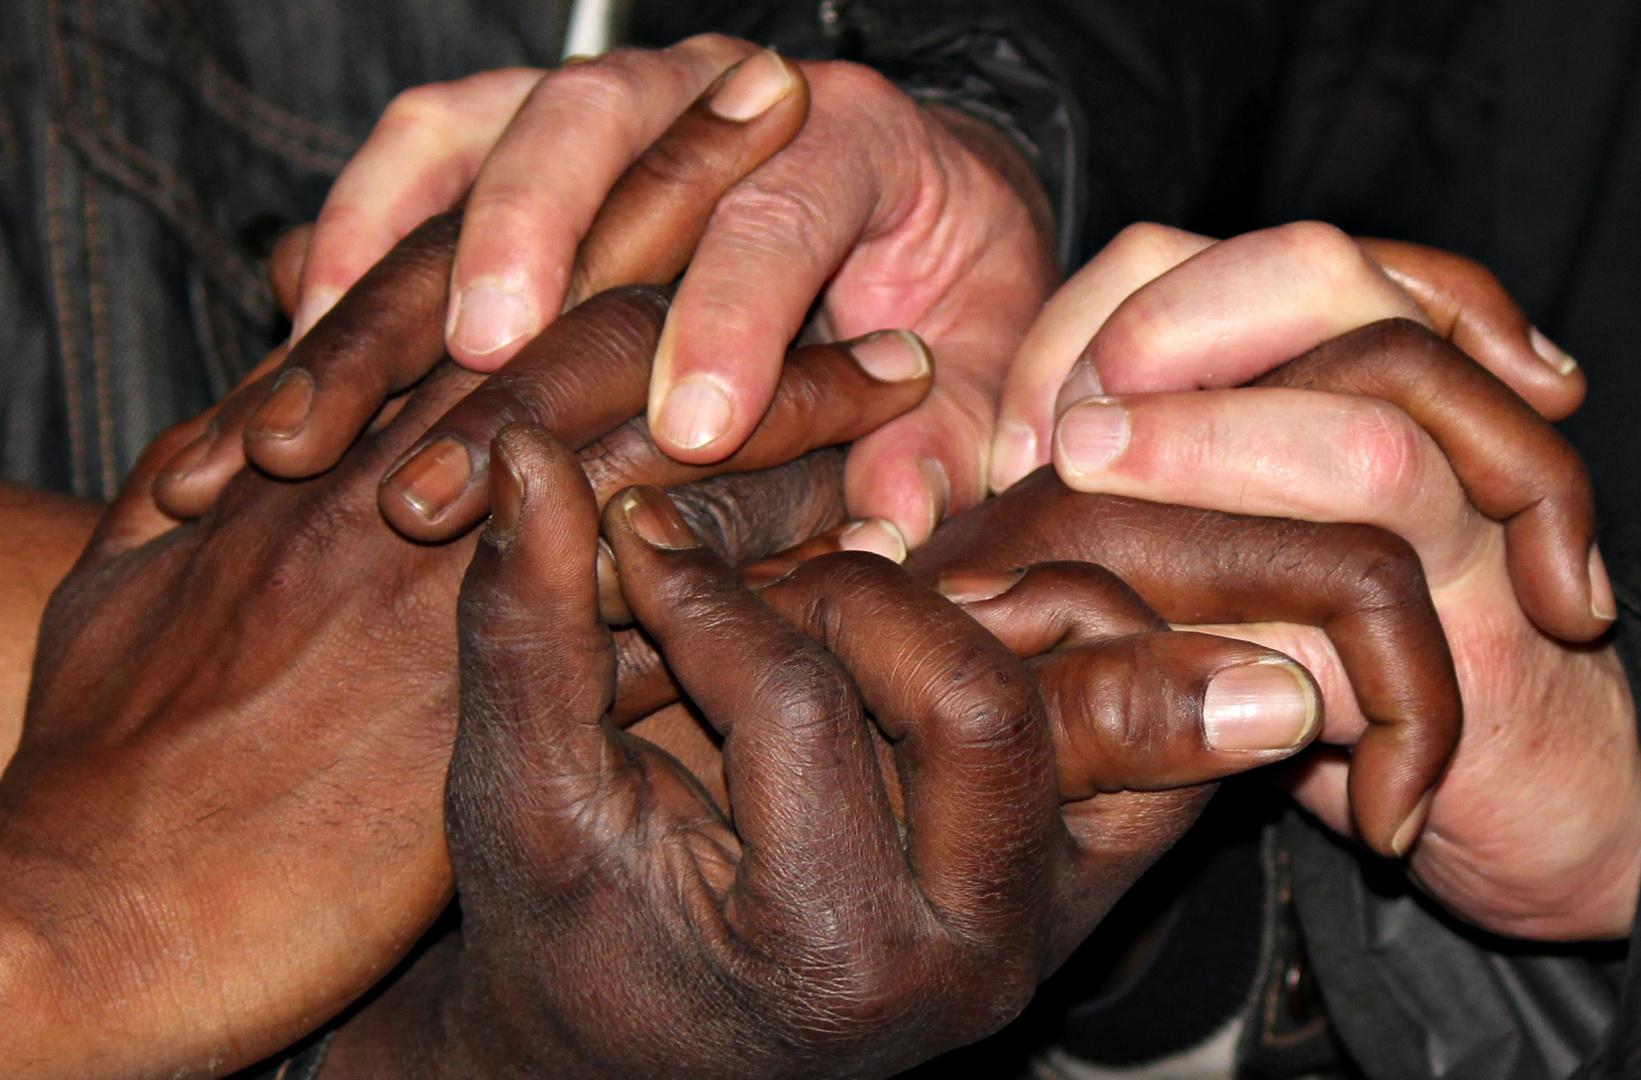 Friends & Hands